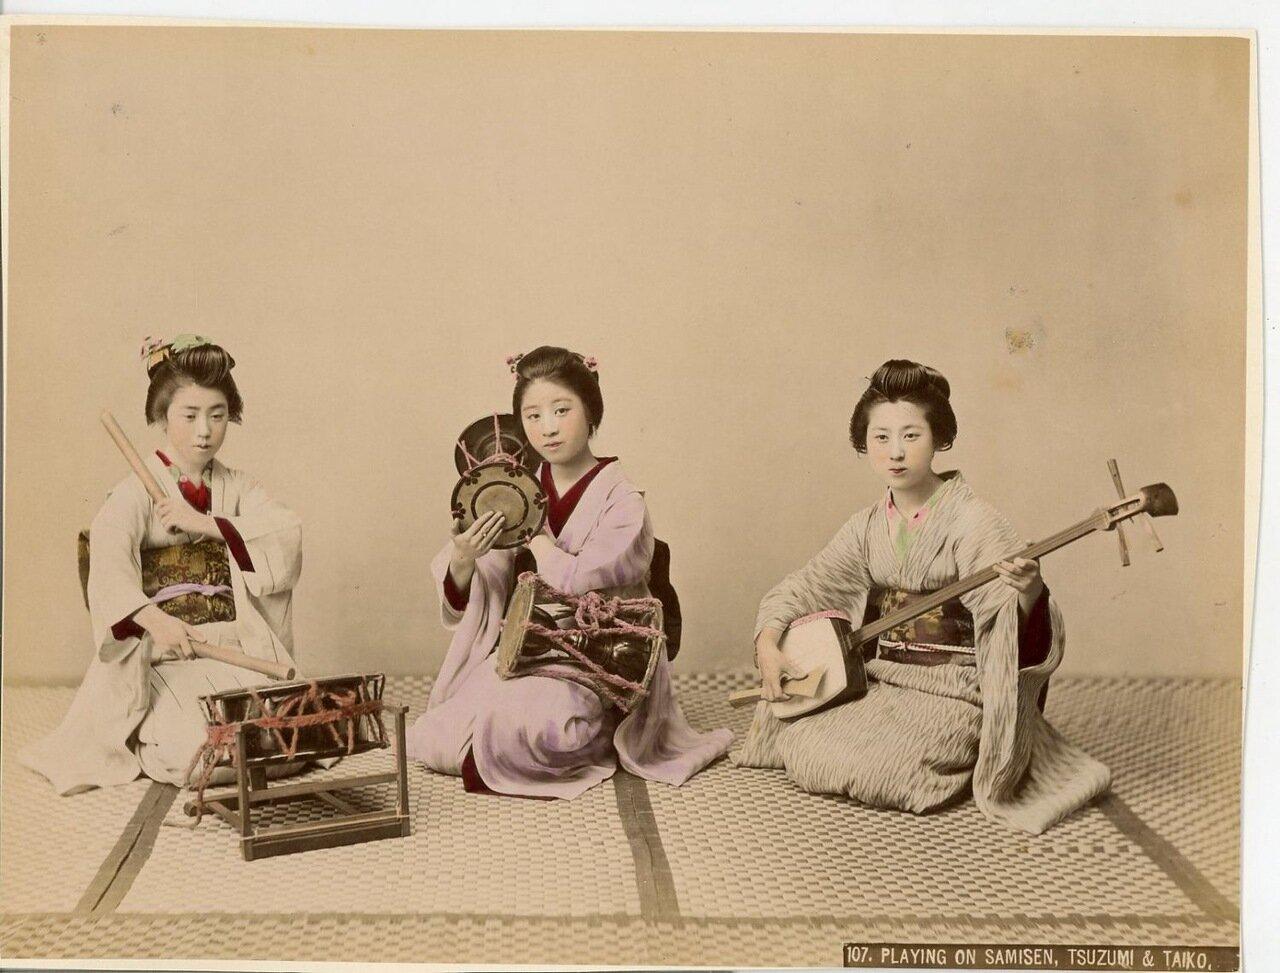 Игра на сямисэн, тсузуми и тайко